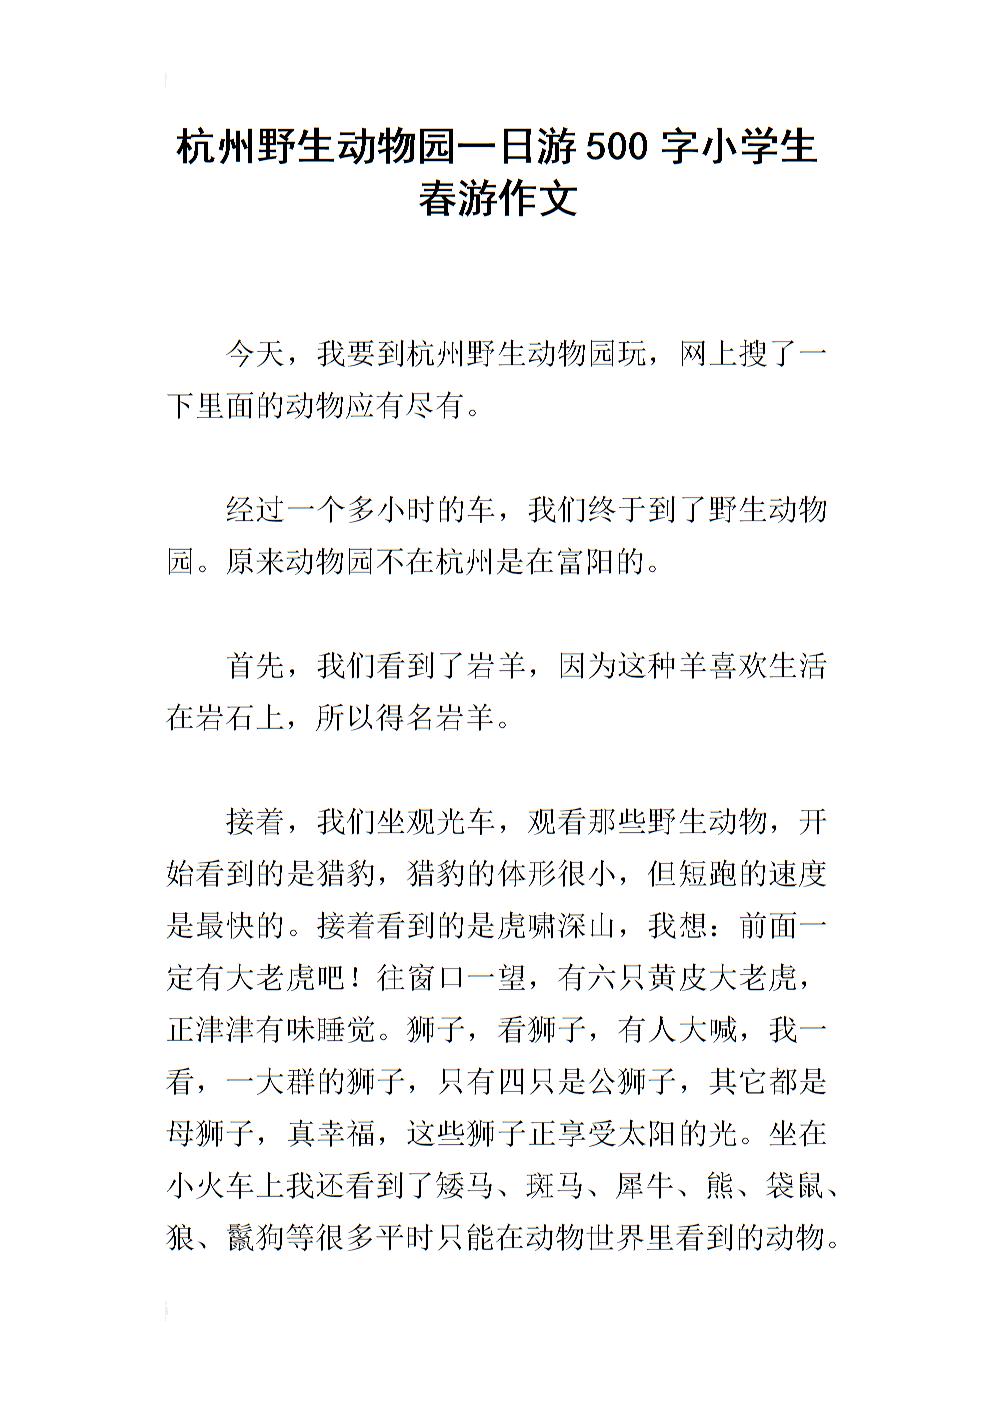 杭州野生动物园一日游500字小学生春游作文.docx